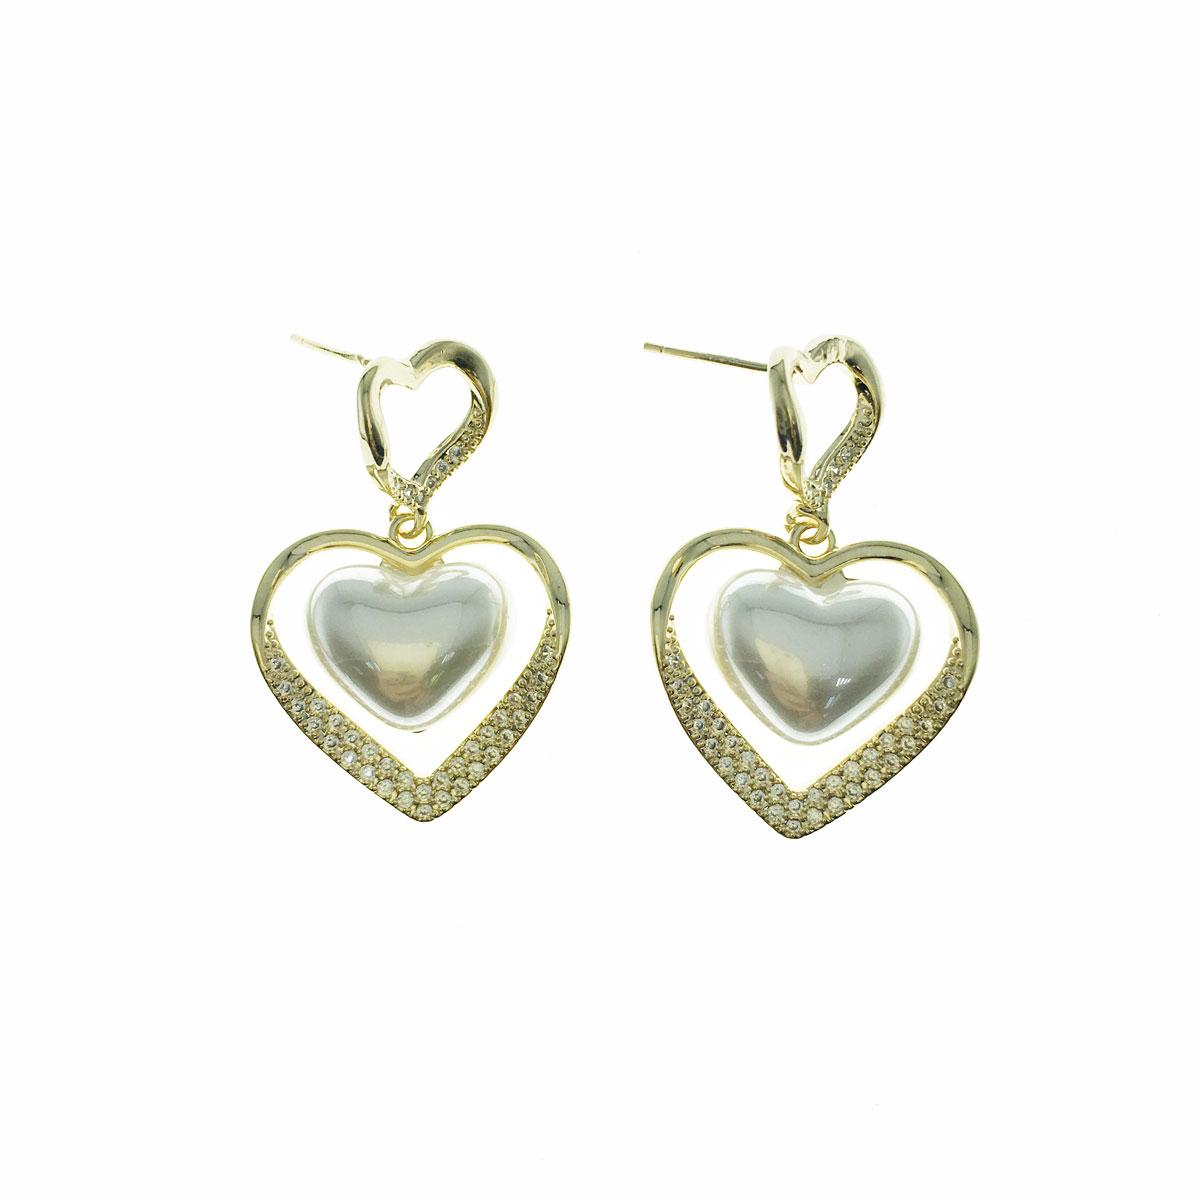 韓國 925純銀 水鑽 珍珠 愛心 簍空 垂墜感 耳針式 耳環